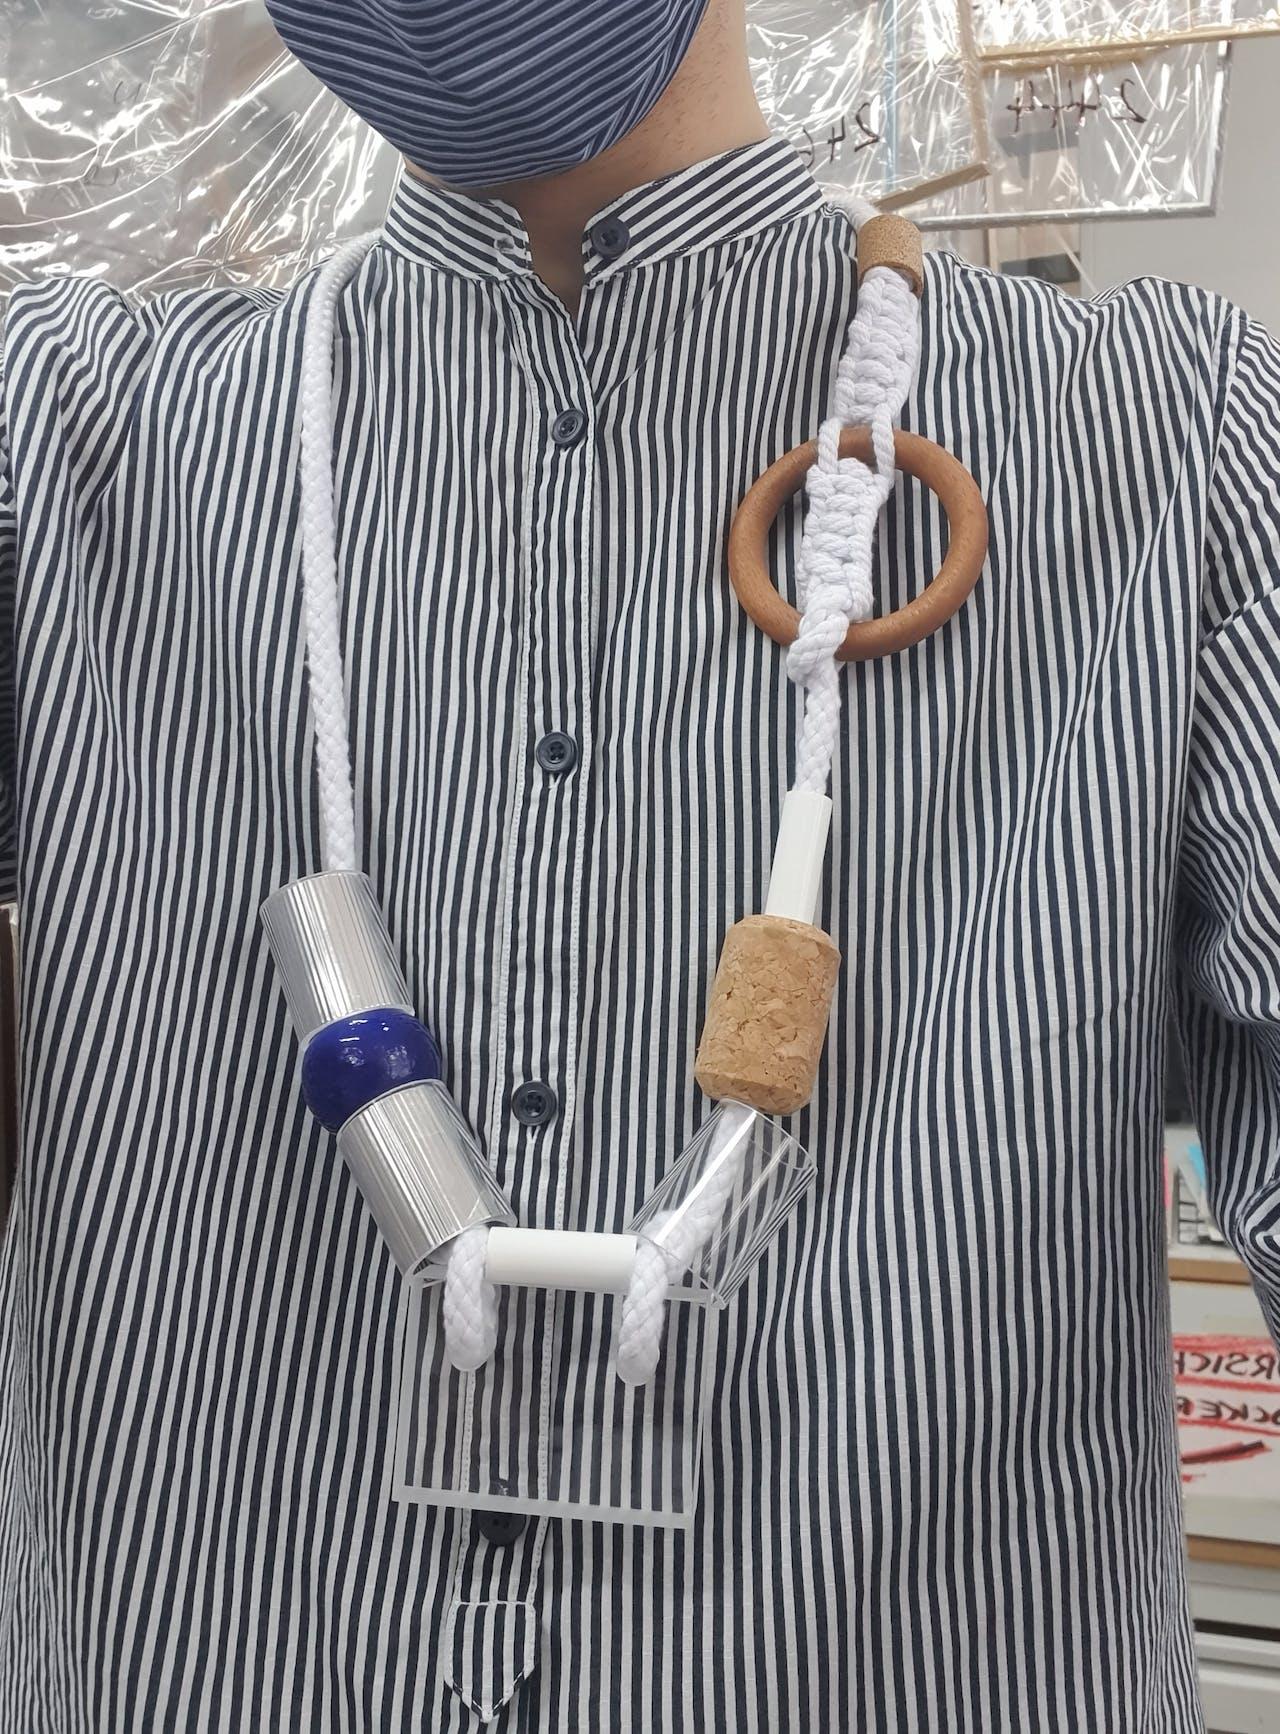 Erens DIY Kette im Bauhaus Stil: Kette selbermachen